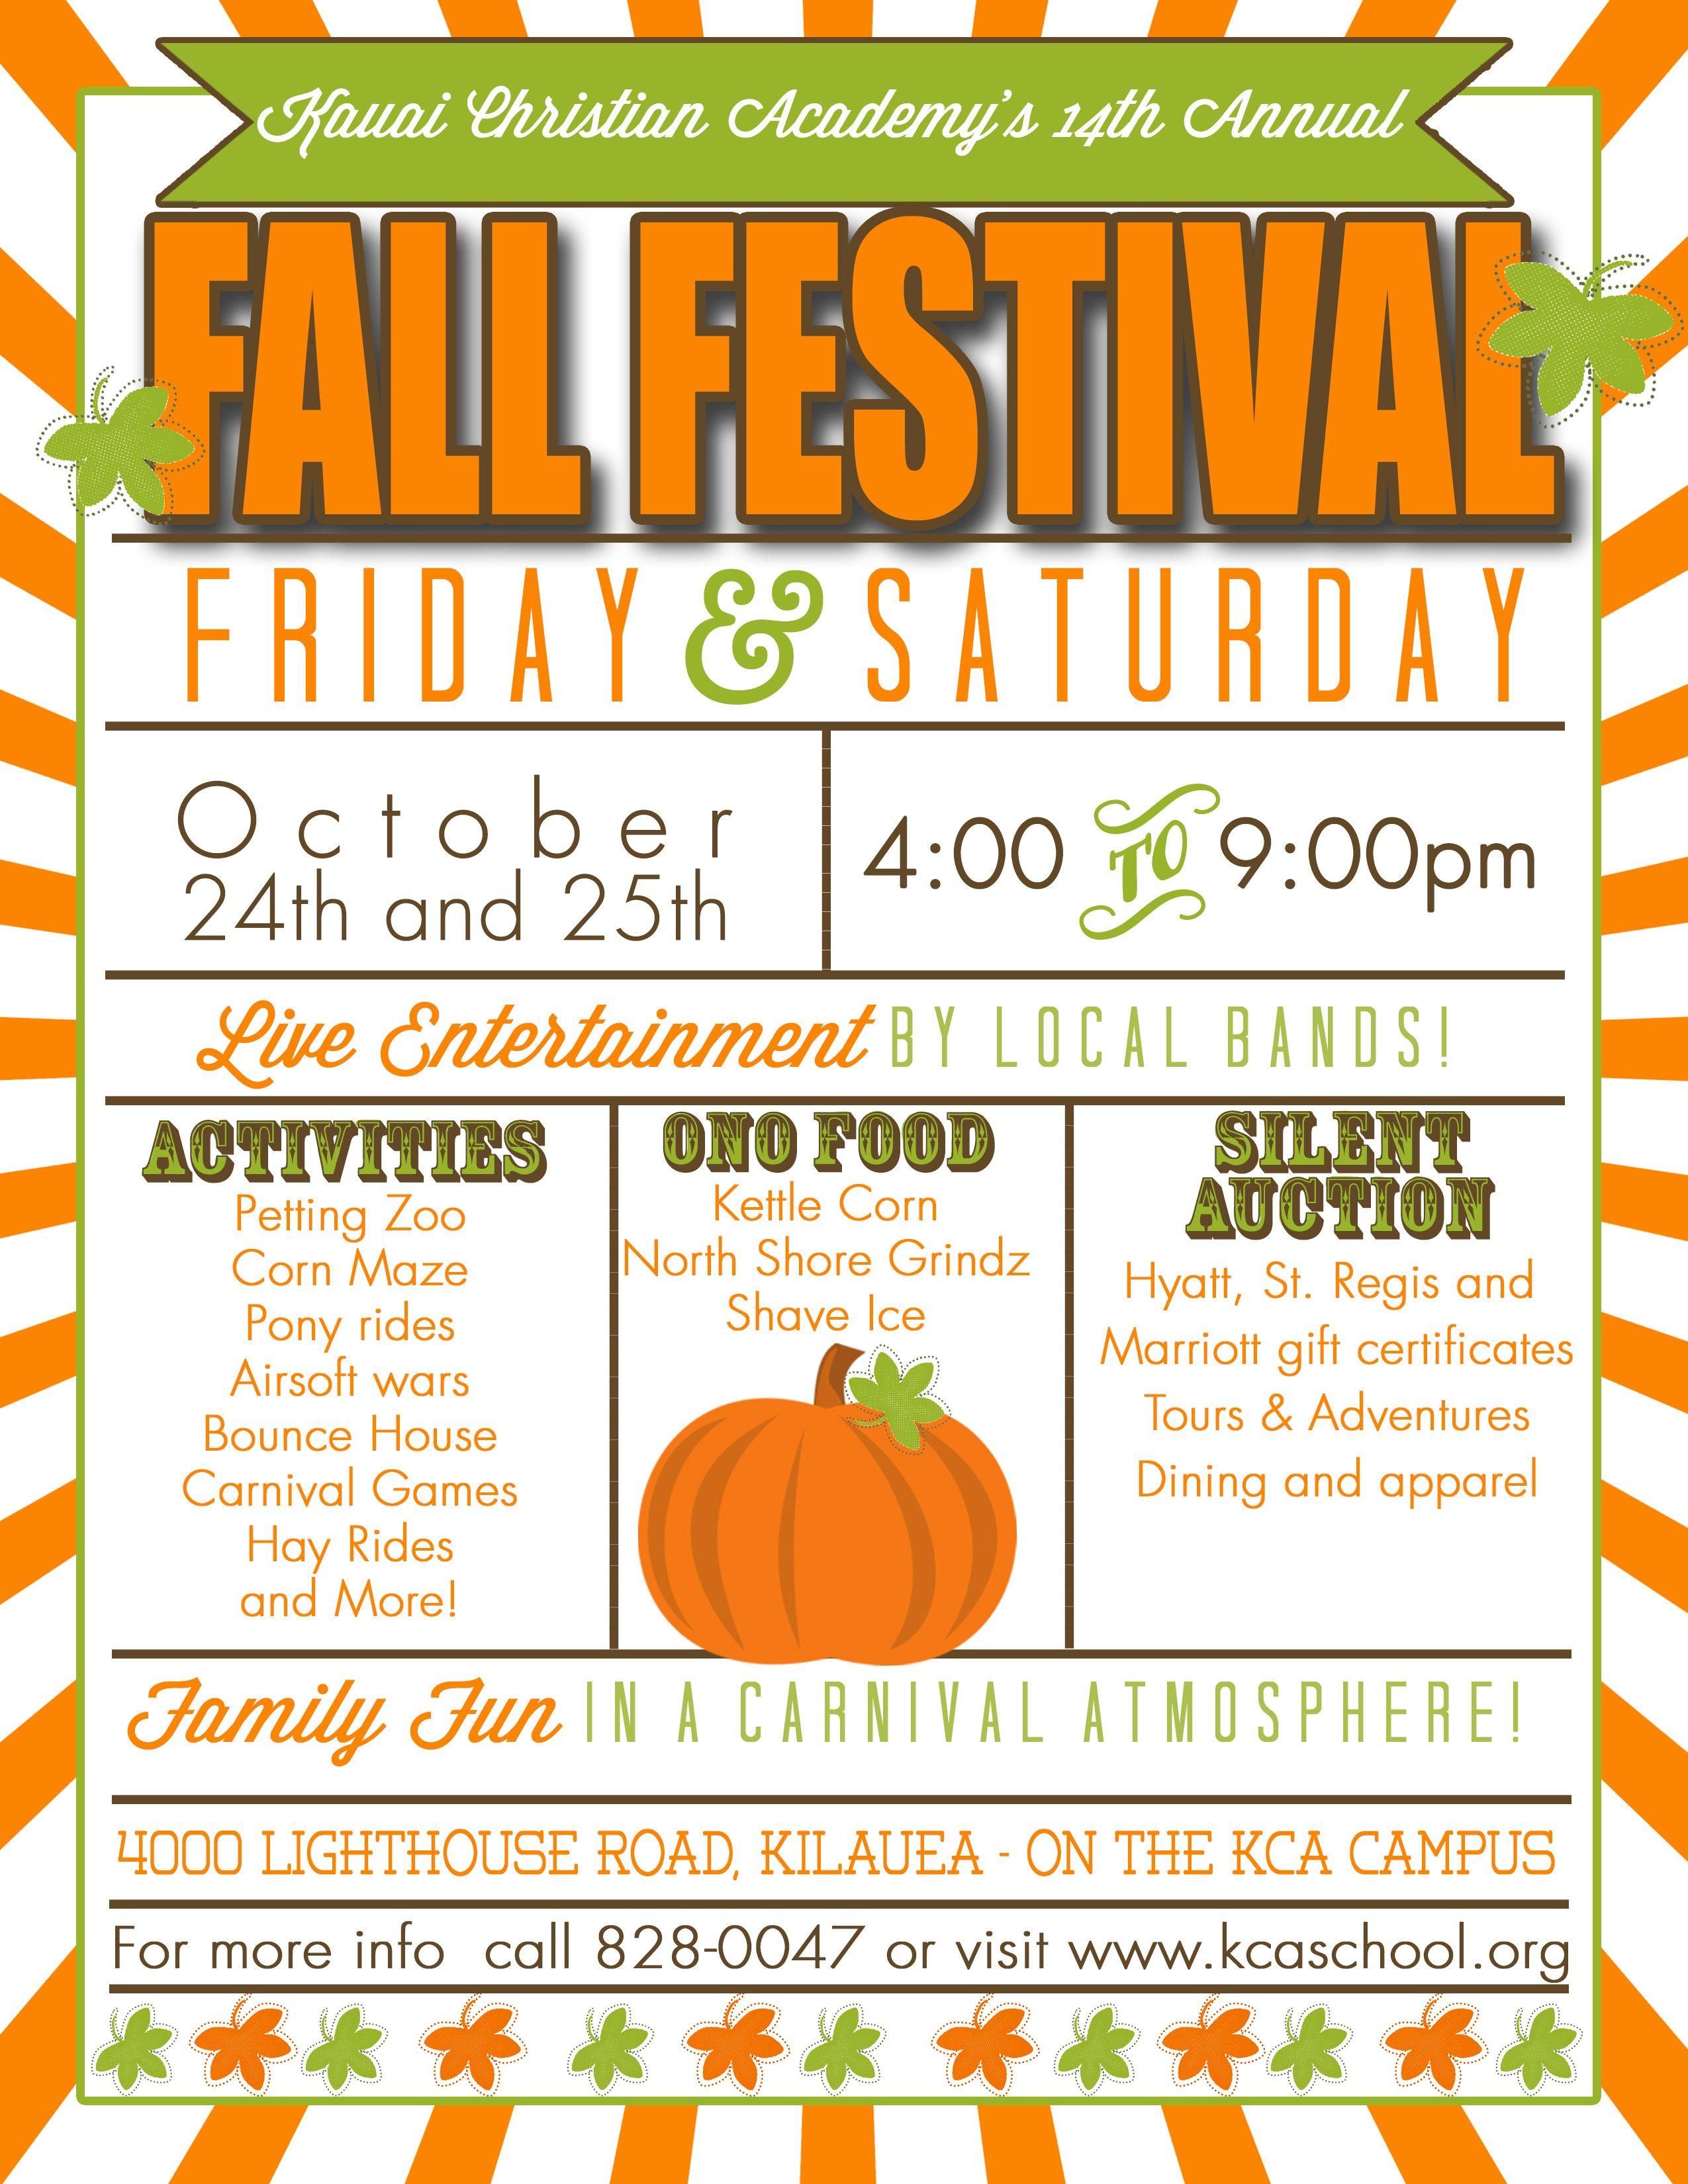 Christian Academy S 14th Annual Fall Festival